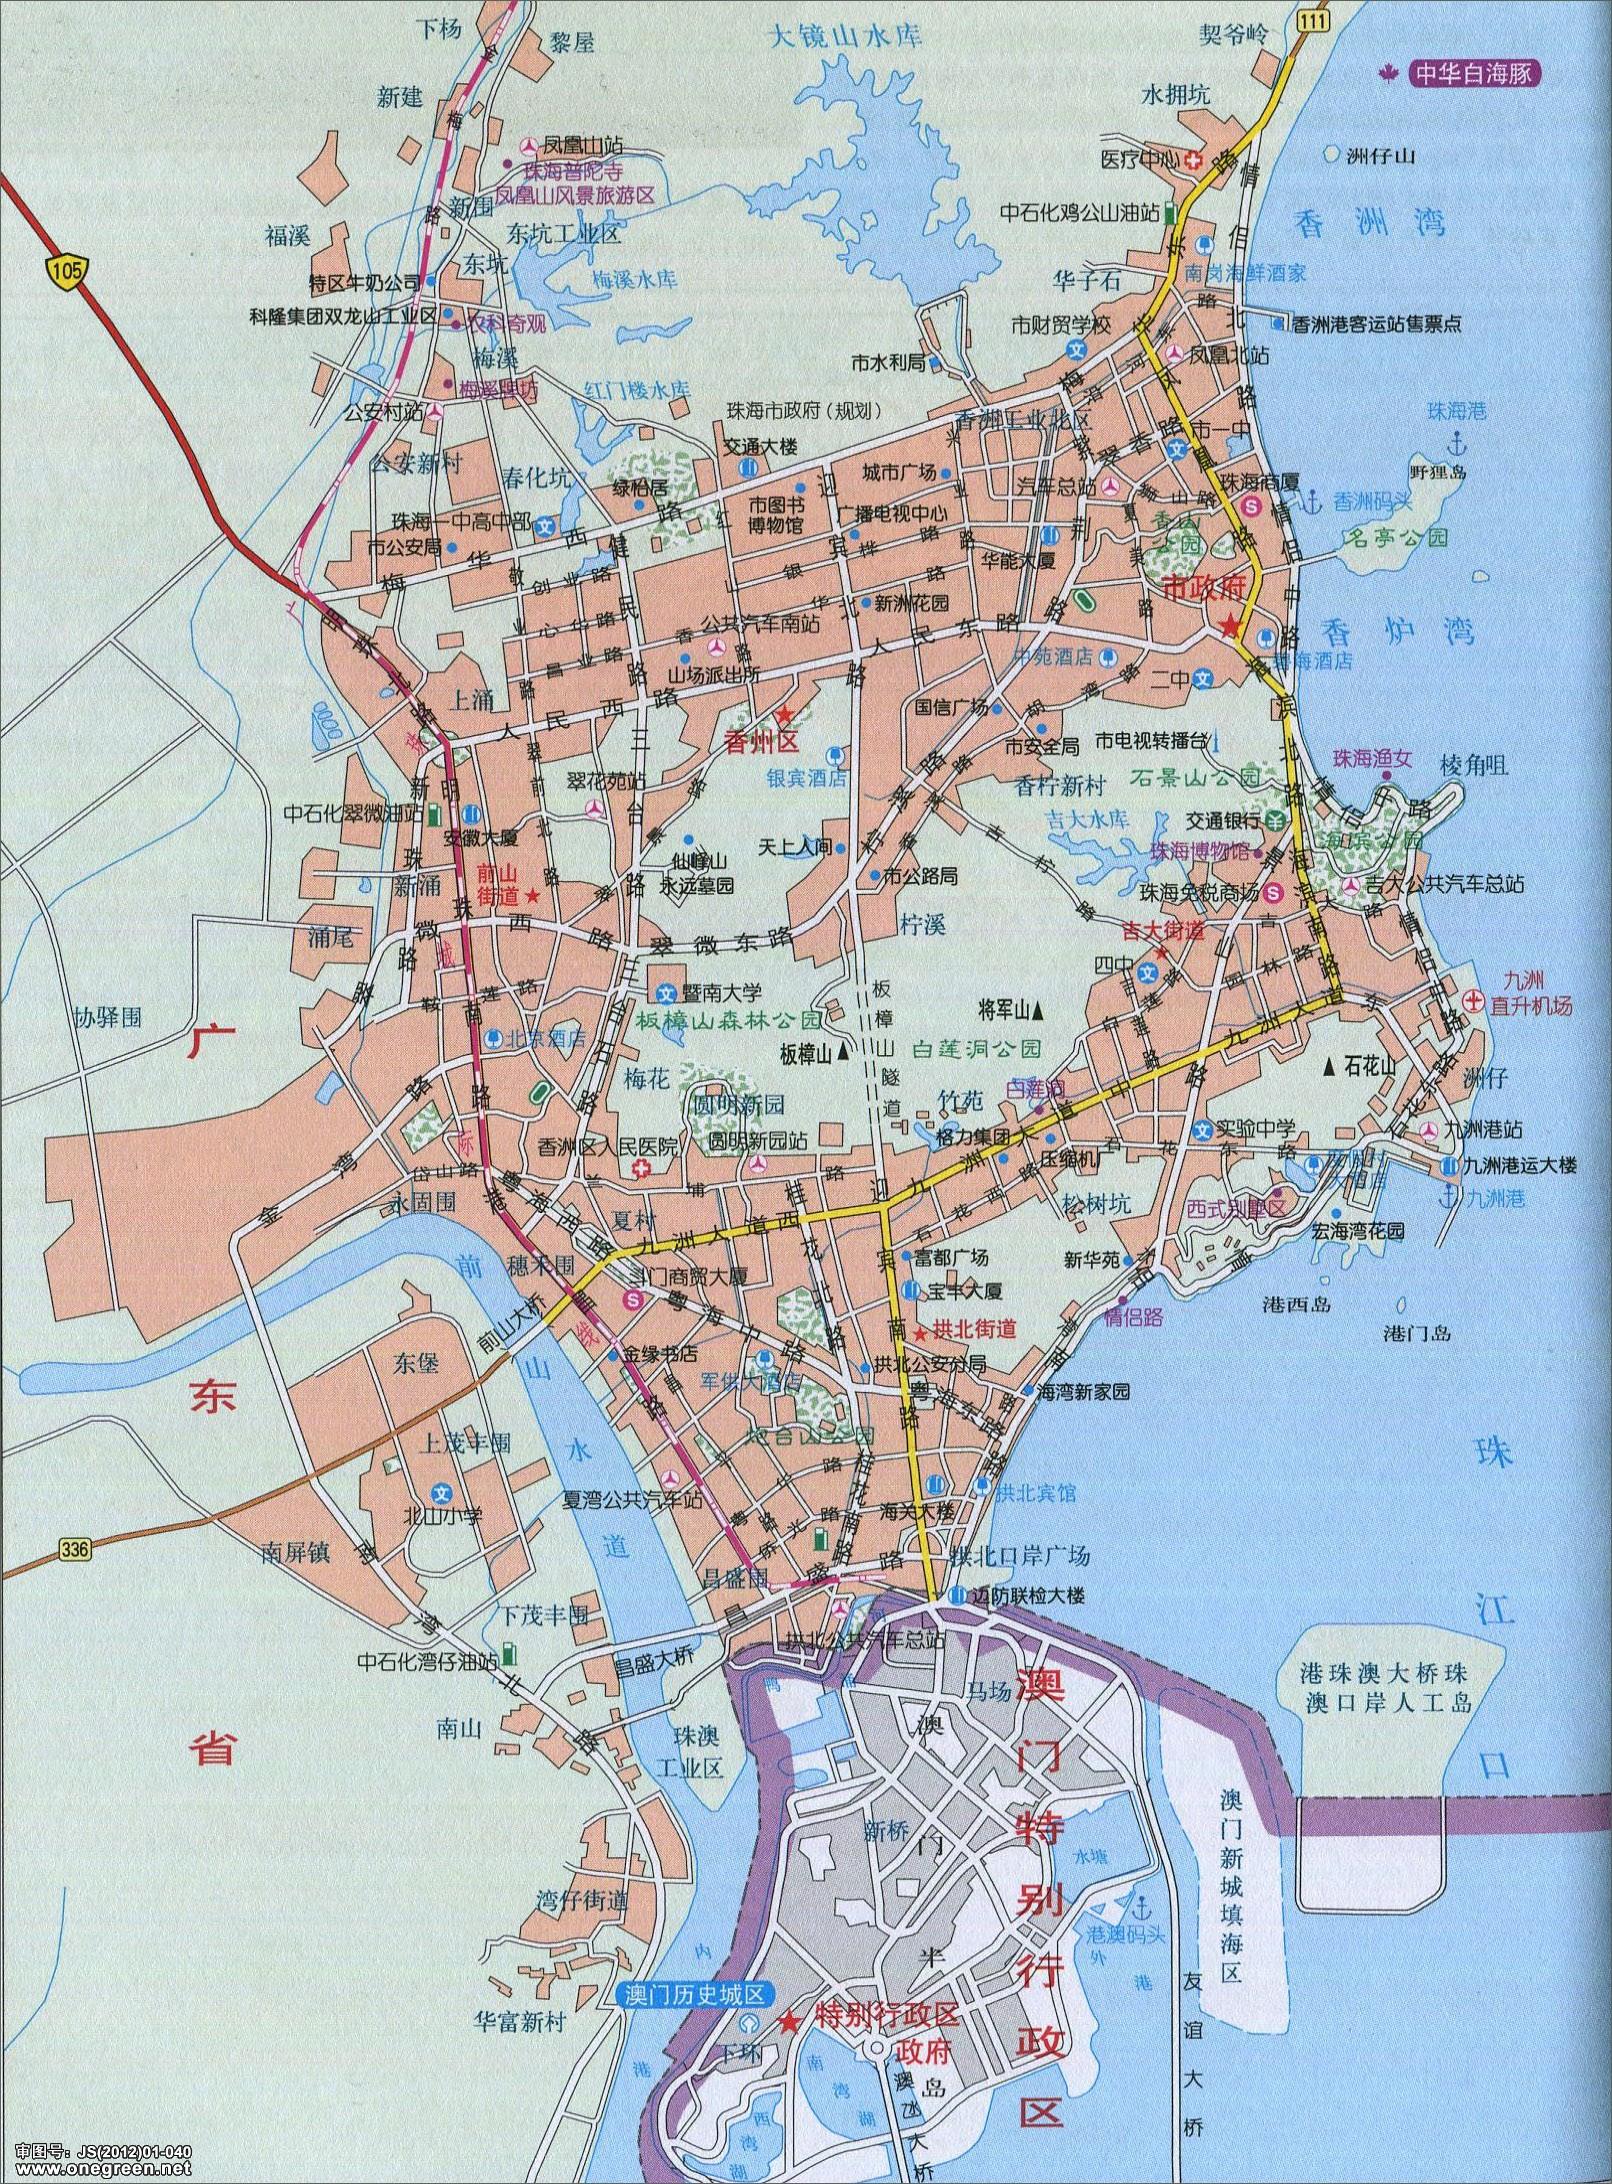 珠海市城区地图